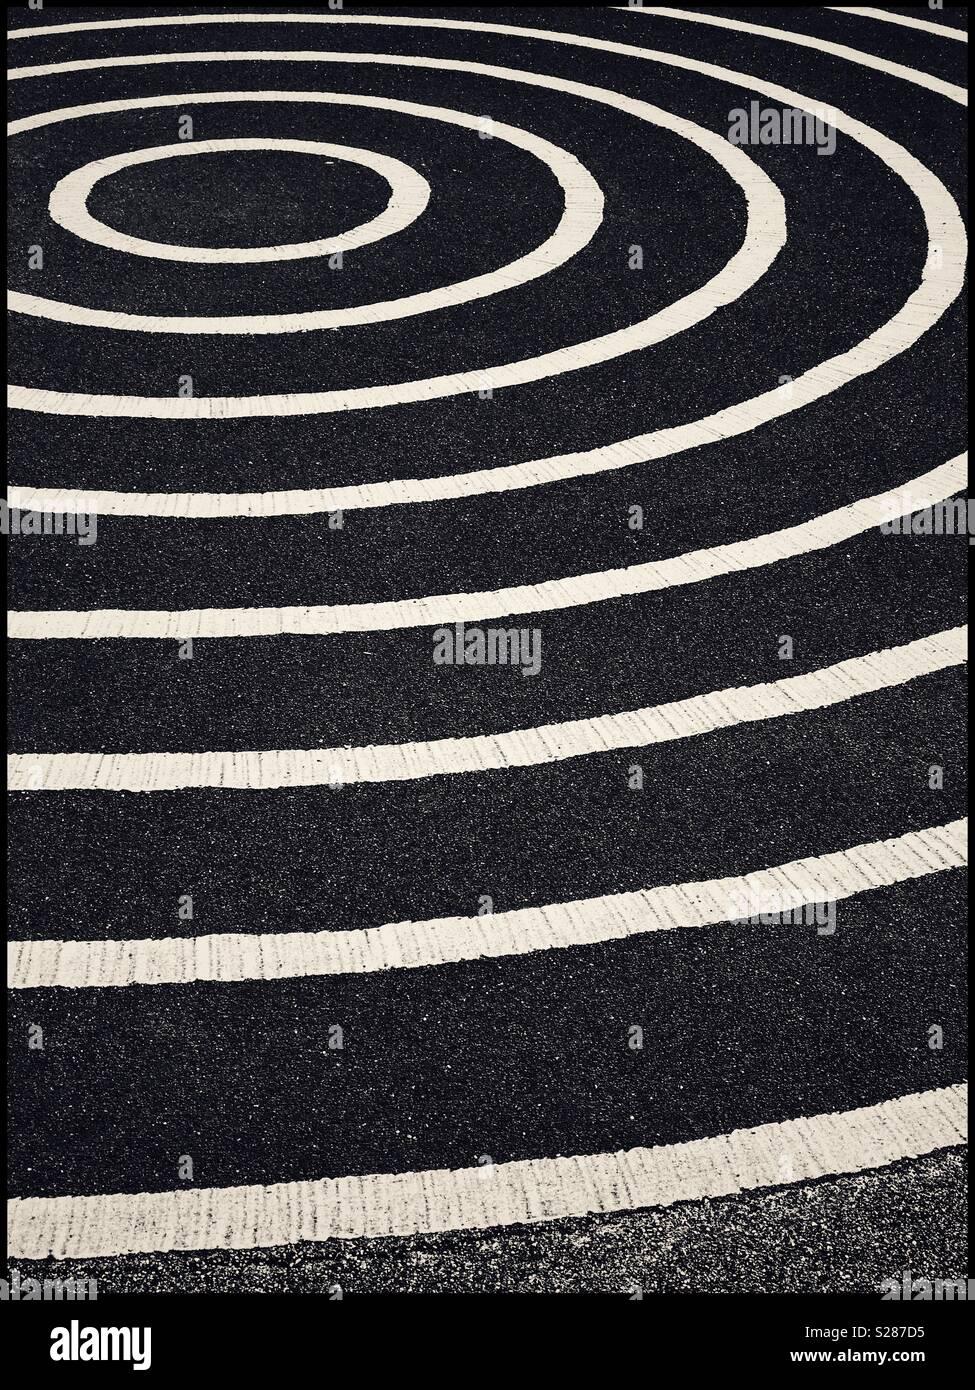 Un grafico, immagine monocromatica di cerchi concentrici, dipinta su di una grande area di asfalto (asfalto). Un'immagine con molteplici usi potenziali. Credito foto - © COLIN HOSKINS. Immagini Stock